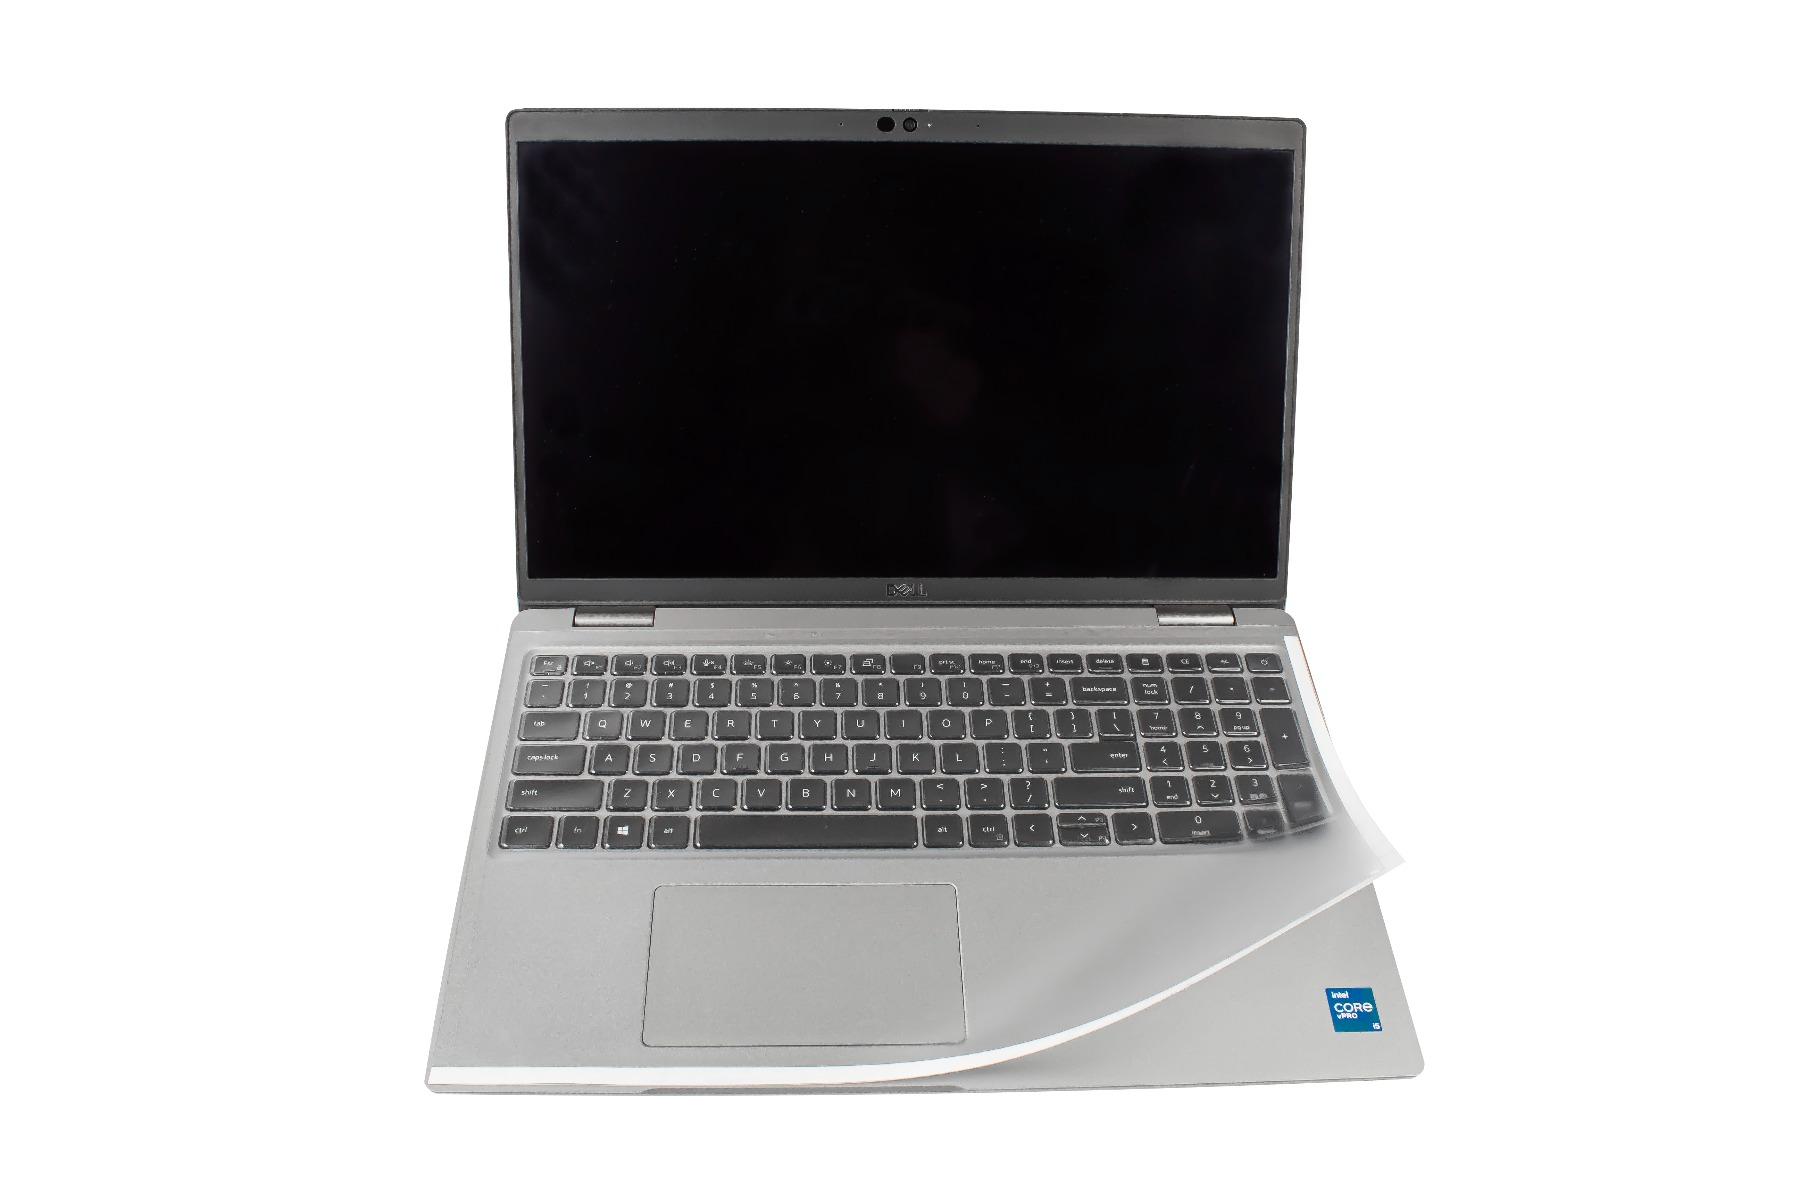 Dell Latitude 5520 Laptop Cover